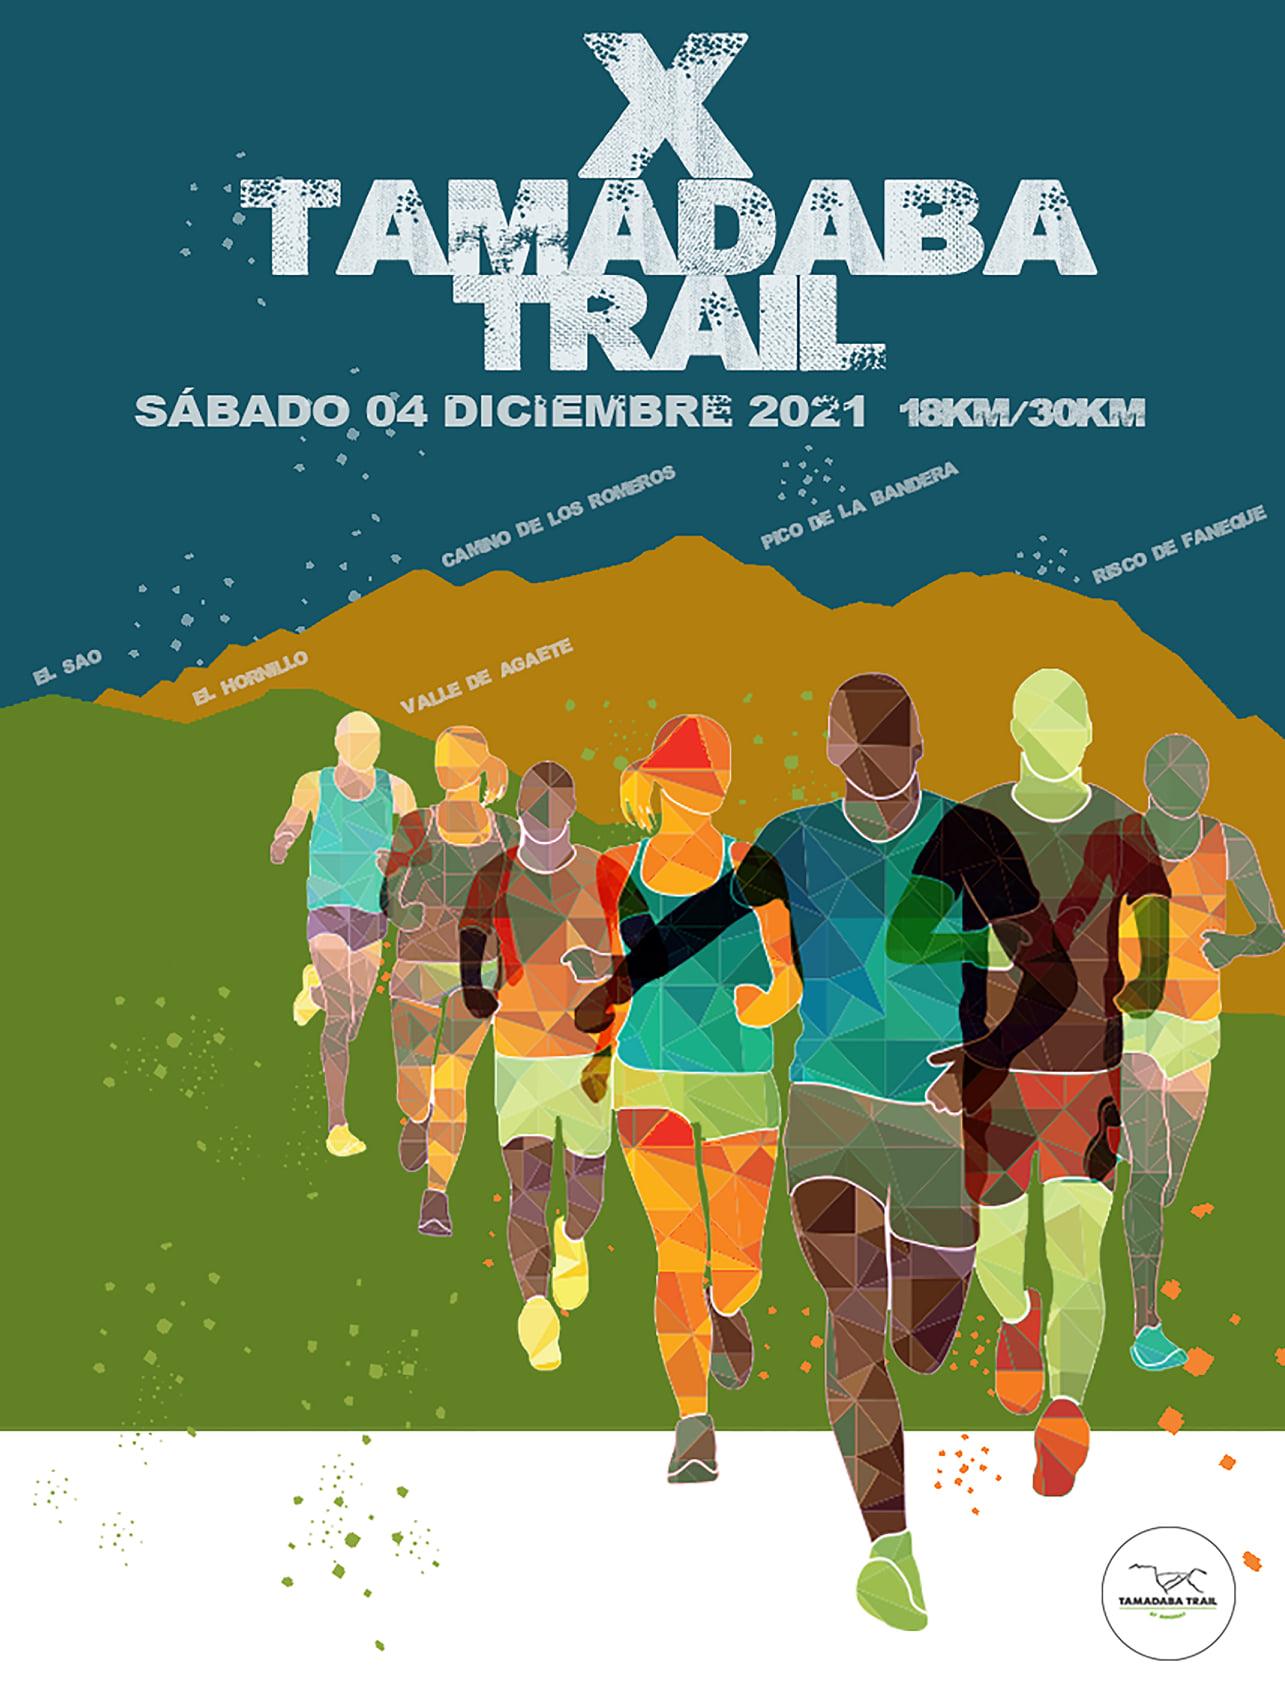 Cartel oficial de la Tamadaba Trail 2021